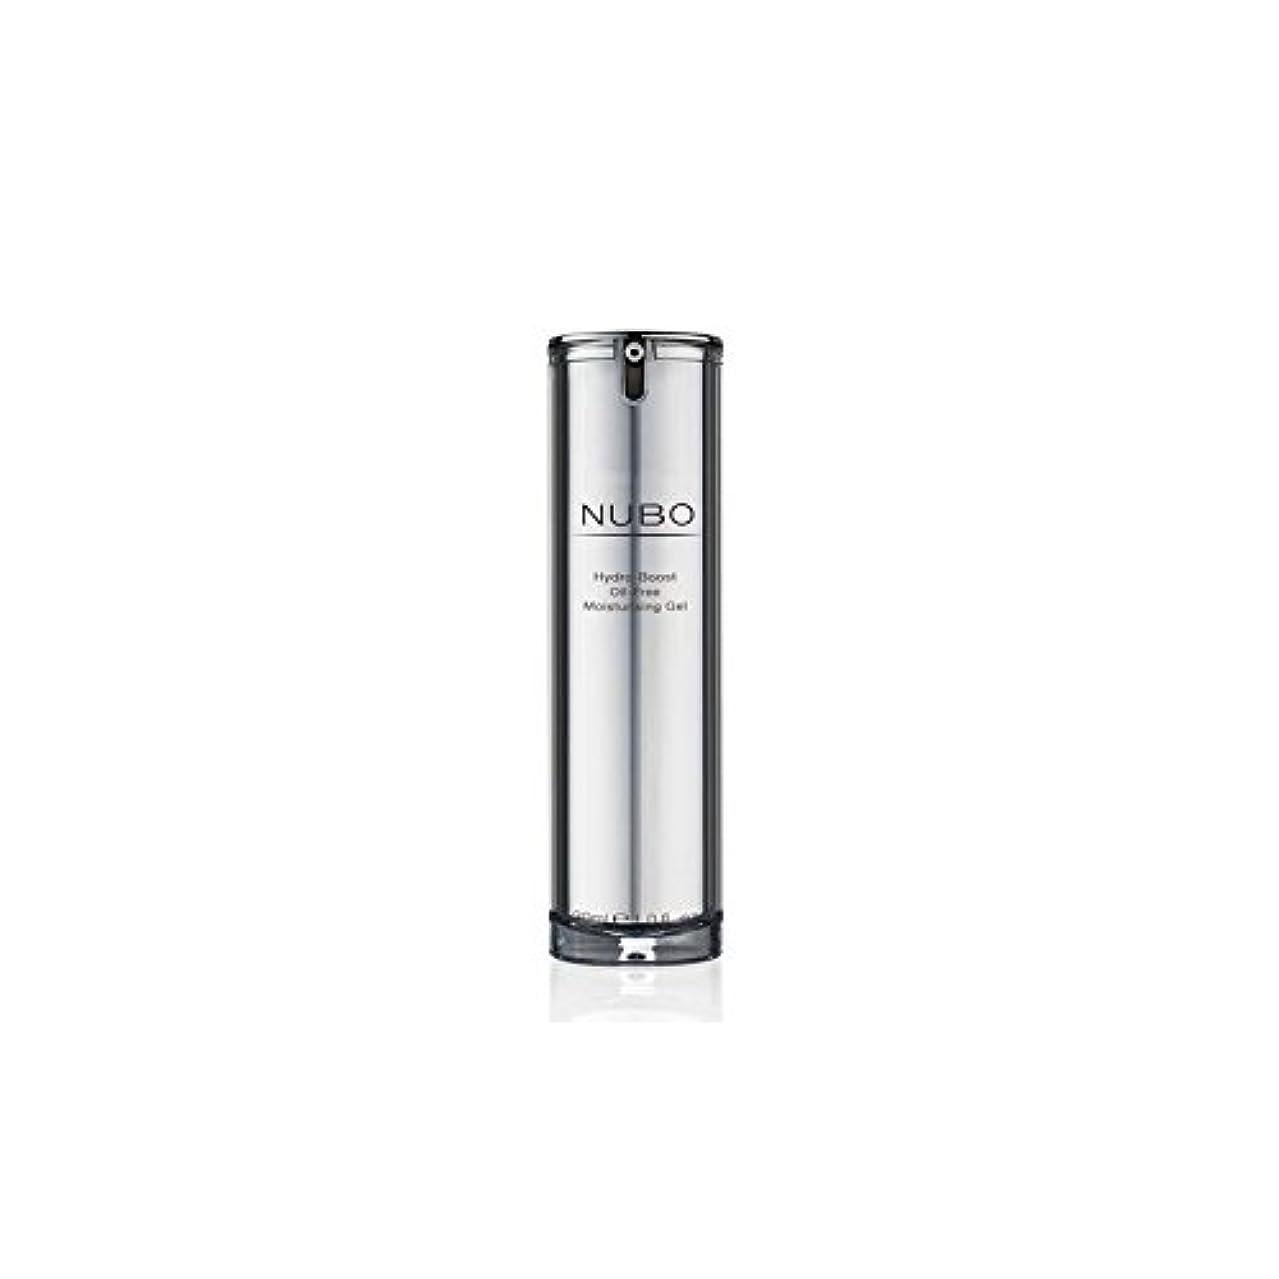 水力ブーストオイルフリーの保湿ジェル(30ミリリットル) x4 - Nubo Hydro Boost Oil Free Moisturising Gel (30ml) (Pack of 4) [並行輸入品]